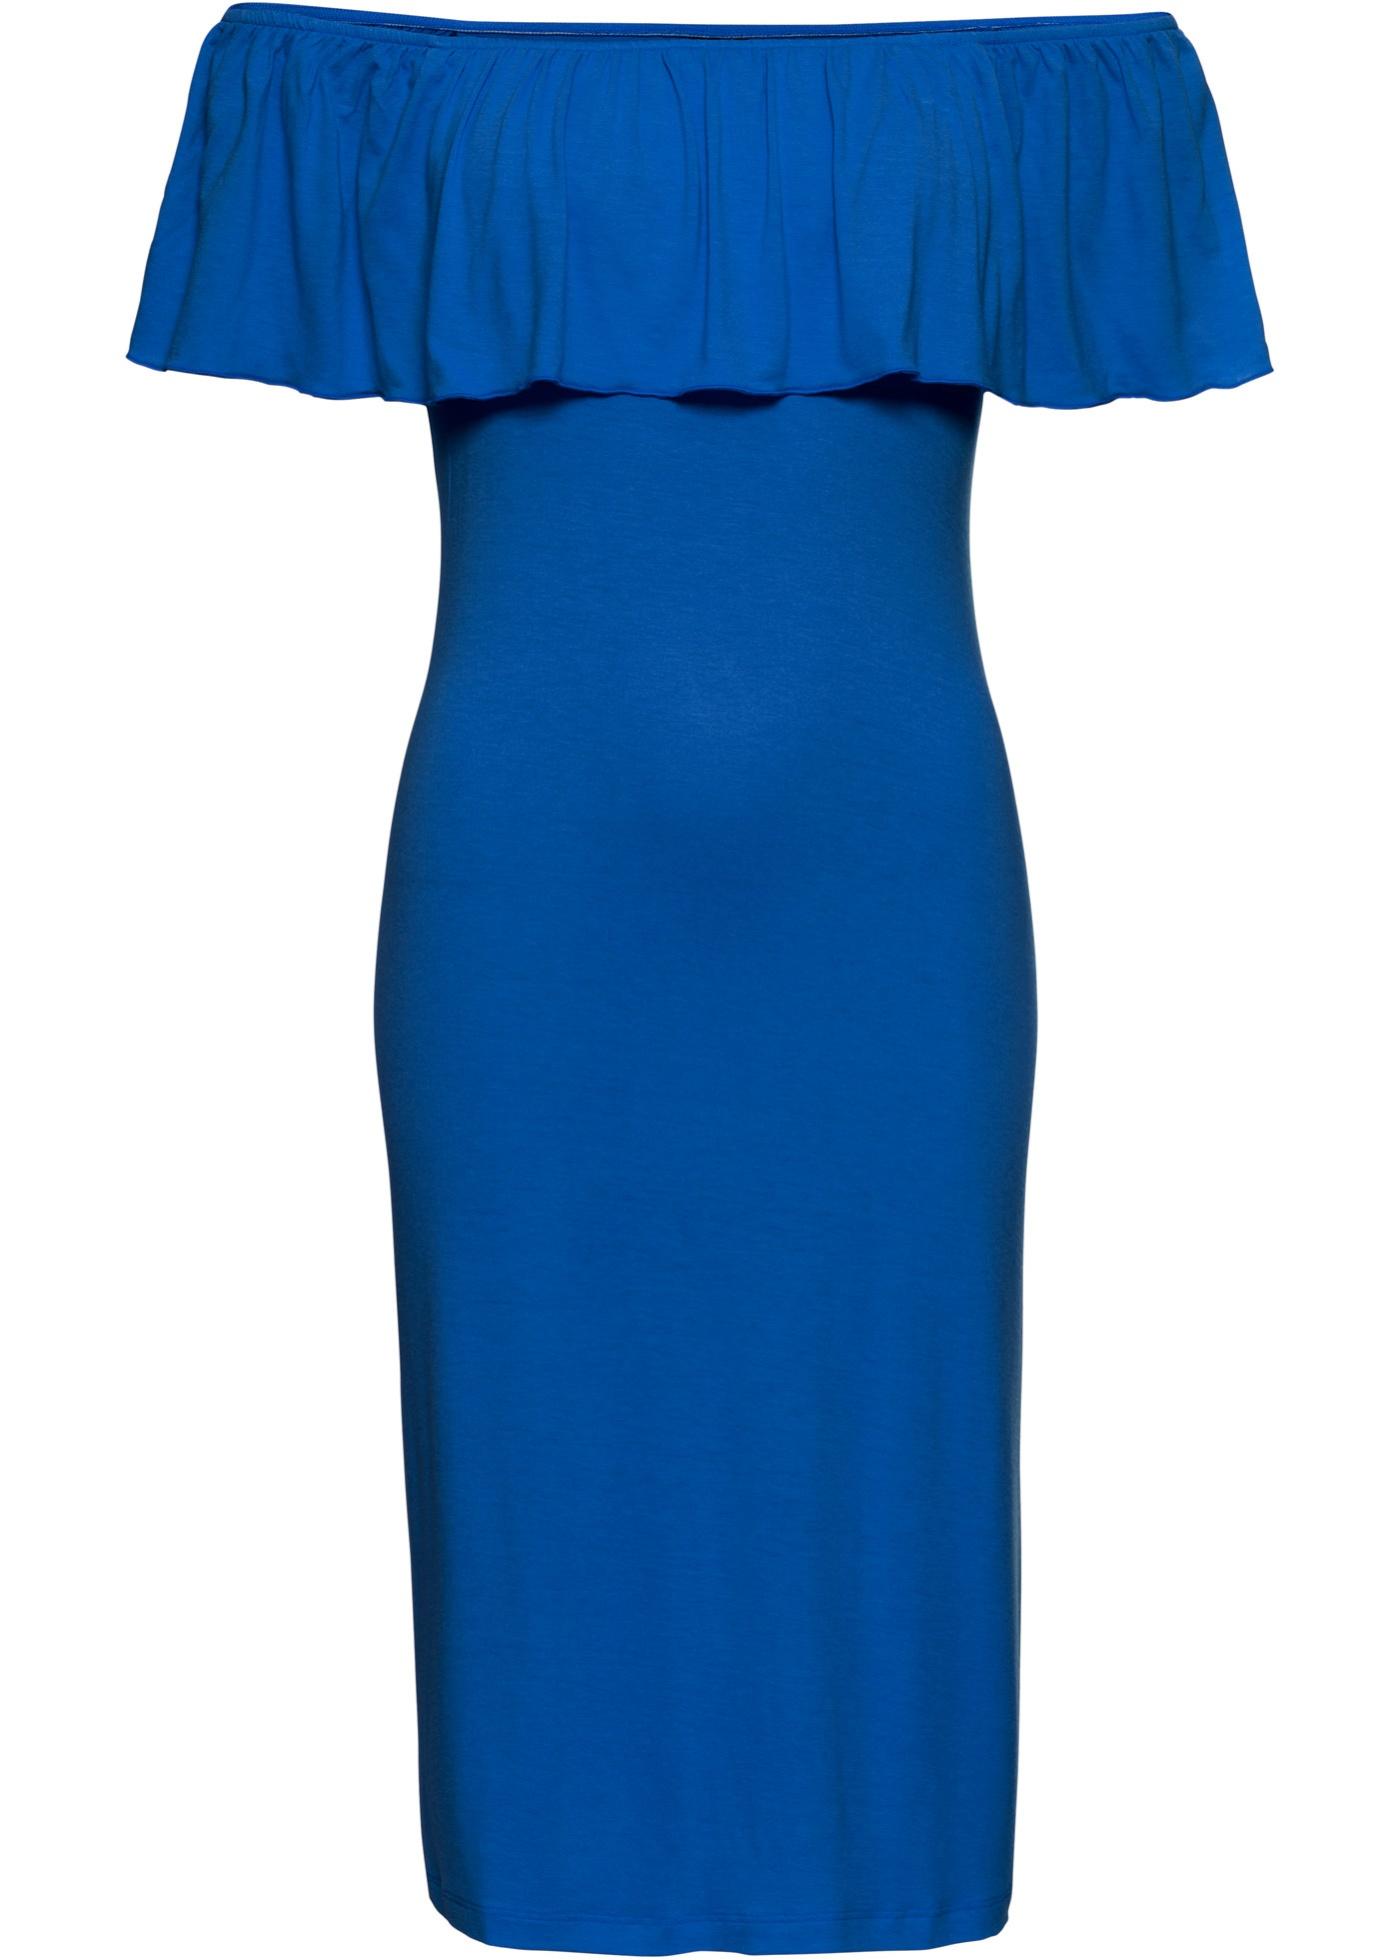 Letní žerzejové šaty s výstřihem Carmen - Modrá 6f6be4808a